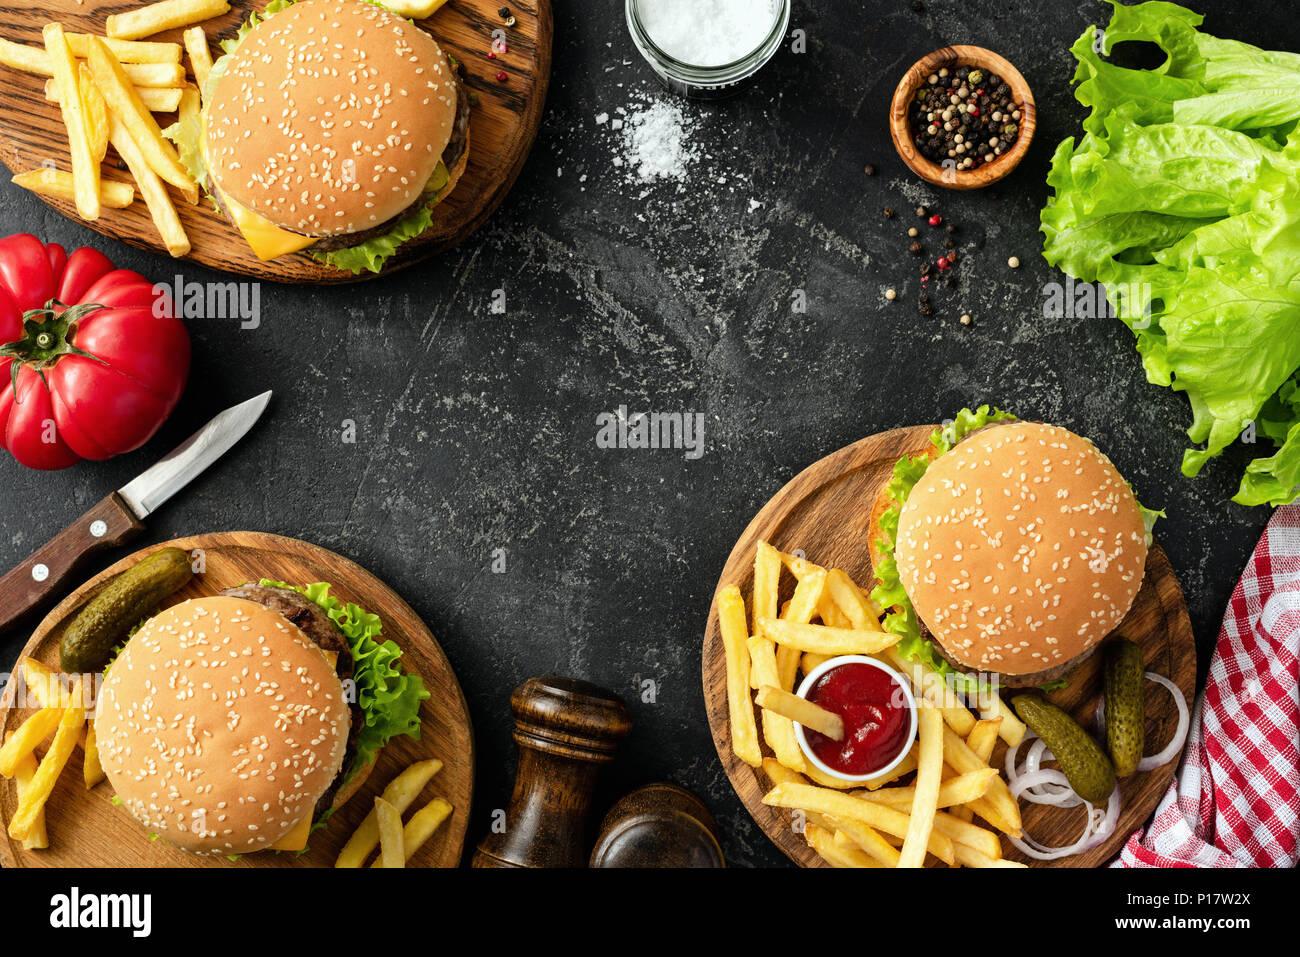 Des burgers, des hamburgers, frites et légumes frais. Installations pour Barbecue Cuisine de fête. Fond sombre, vue du dessus et copiez l'espace pour le texte. Barbecue d'été concept Photo Stock